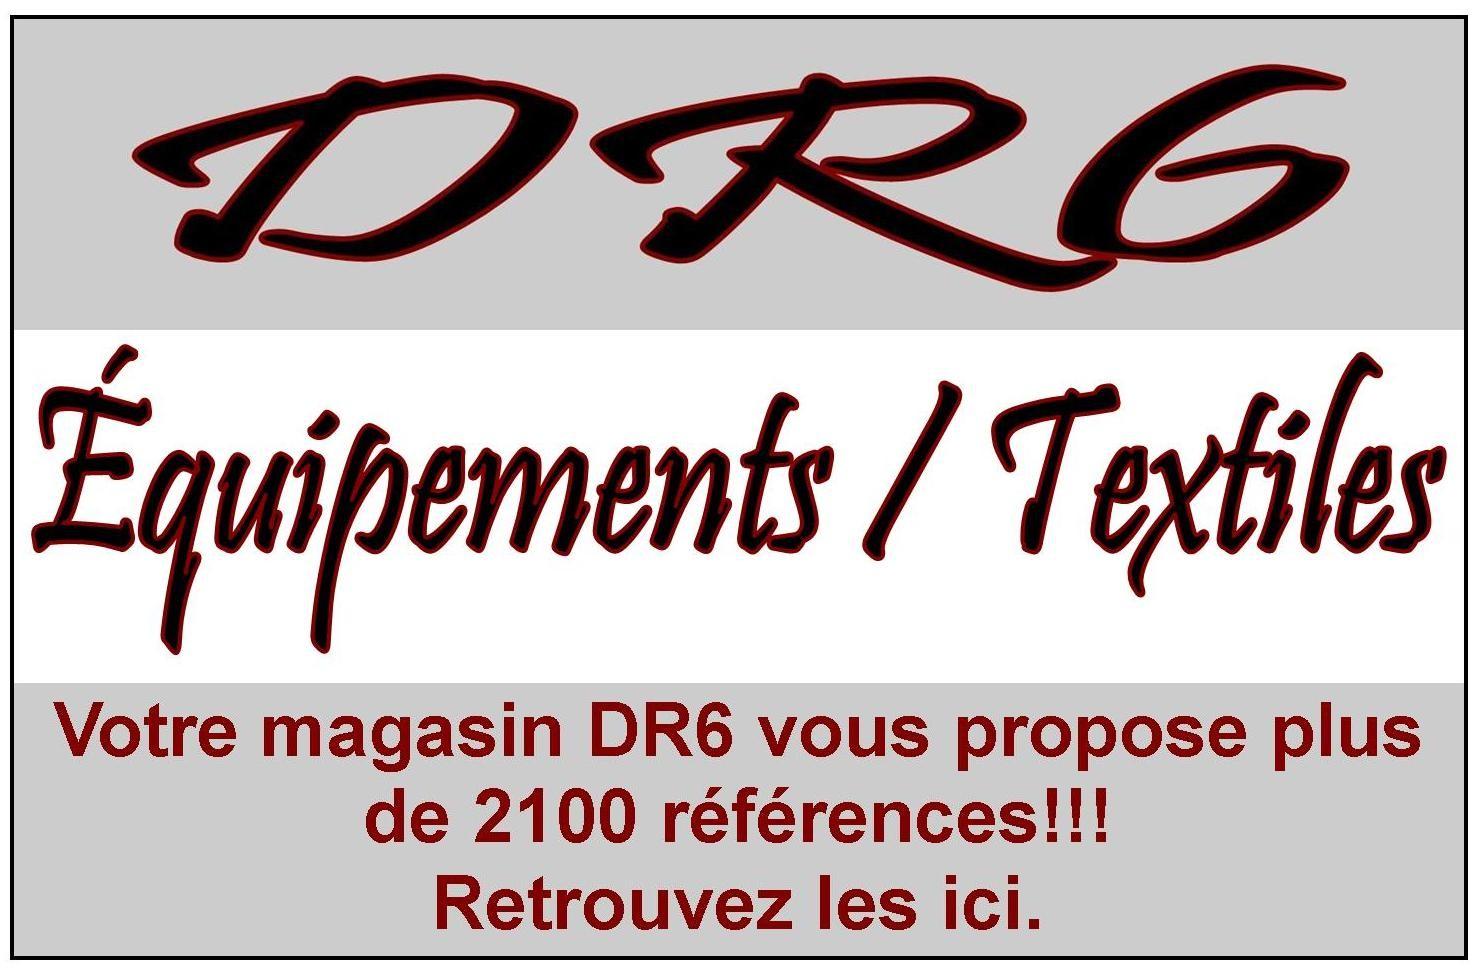 Votre magasin DR6 vous propose sa catégorie ÉQUIPEMENTS / TEXTILES